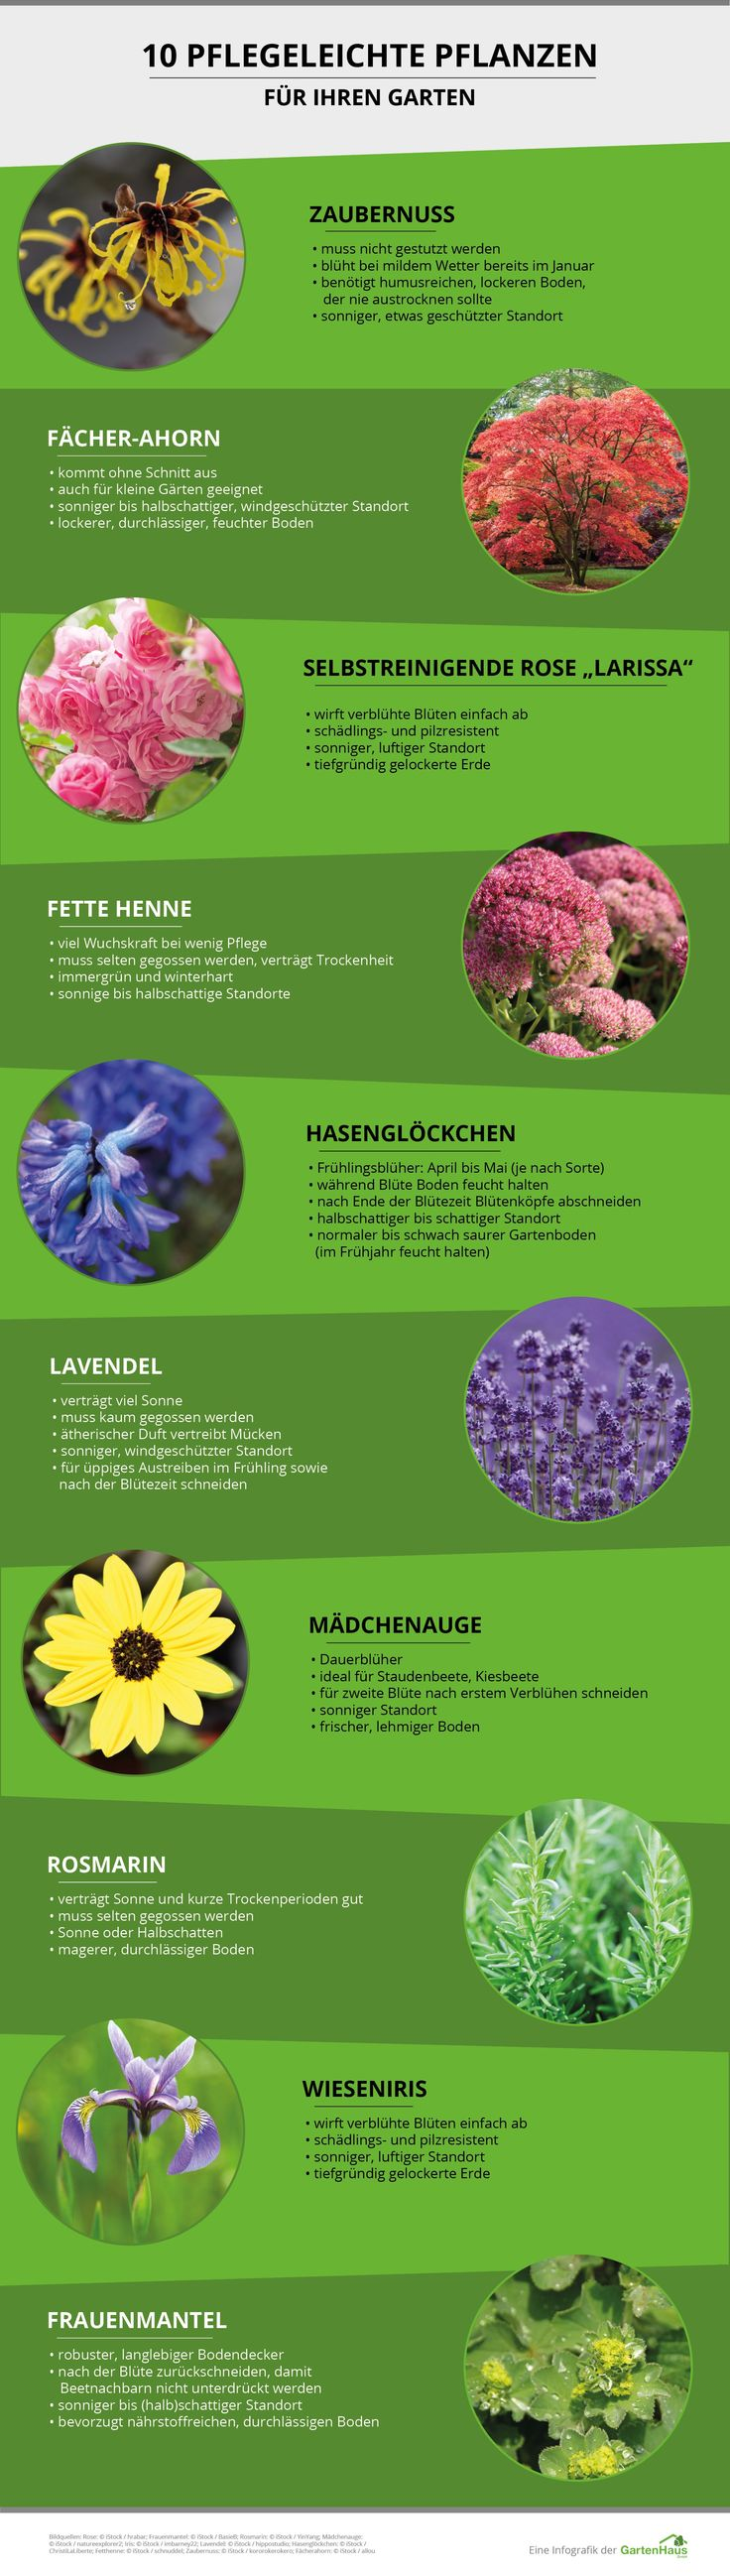 25+ Best Ideas About Gartenarbeit On Pinterest | Gemüsebeet ... Gartenarbeit Gartengestaltung Der Garten Im Fruhling